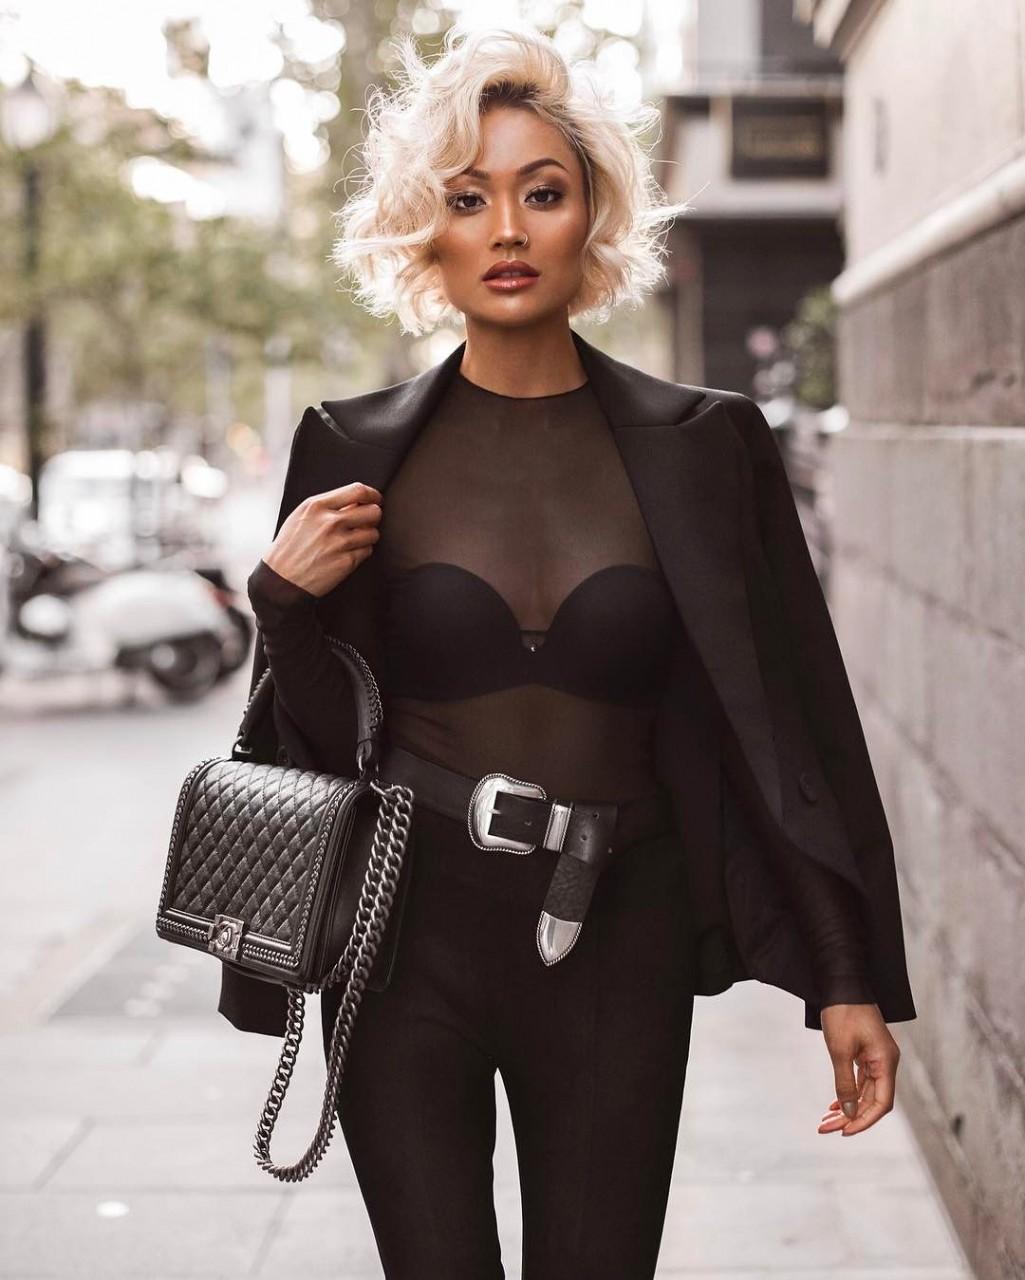 Королевский шик. 12 хитростей ношения черной одежды